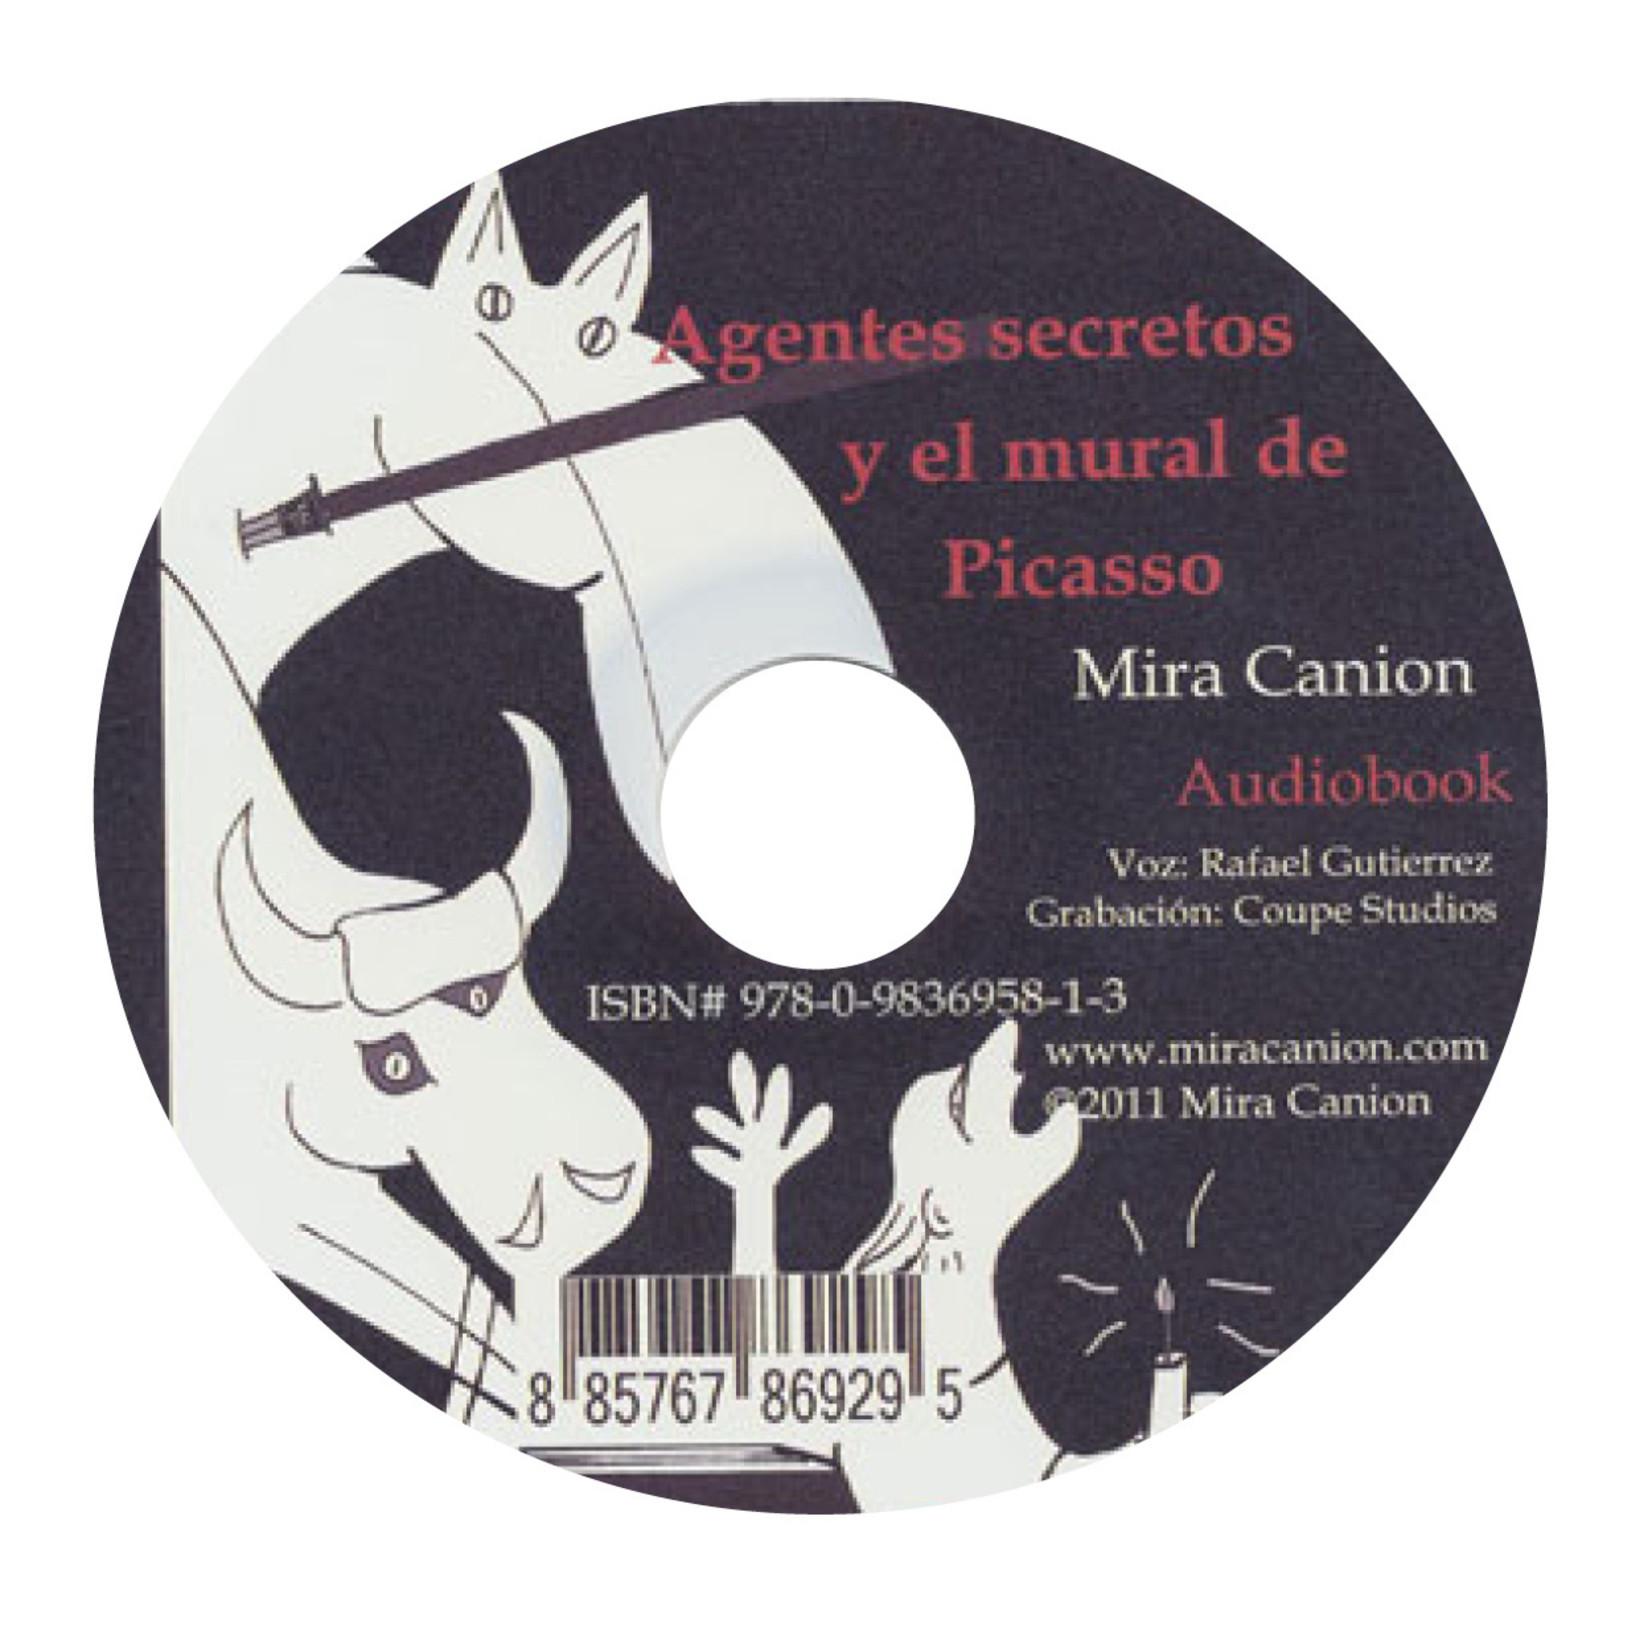 Mira Canion Agentes secretos y el mural de Picasso - Luisterboek